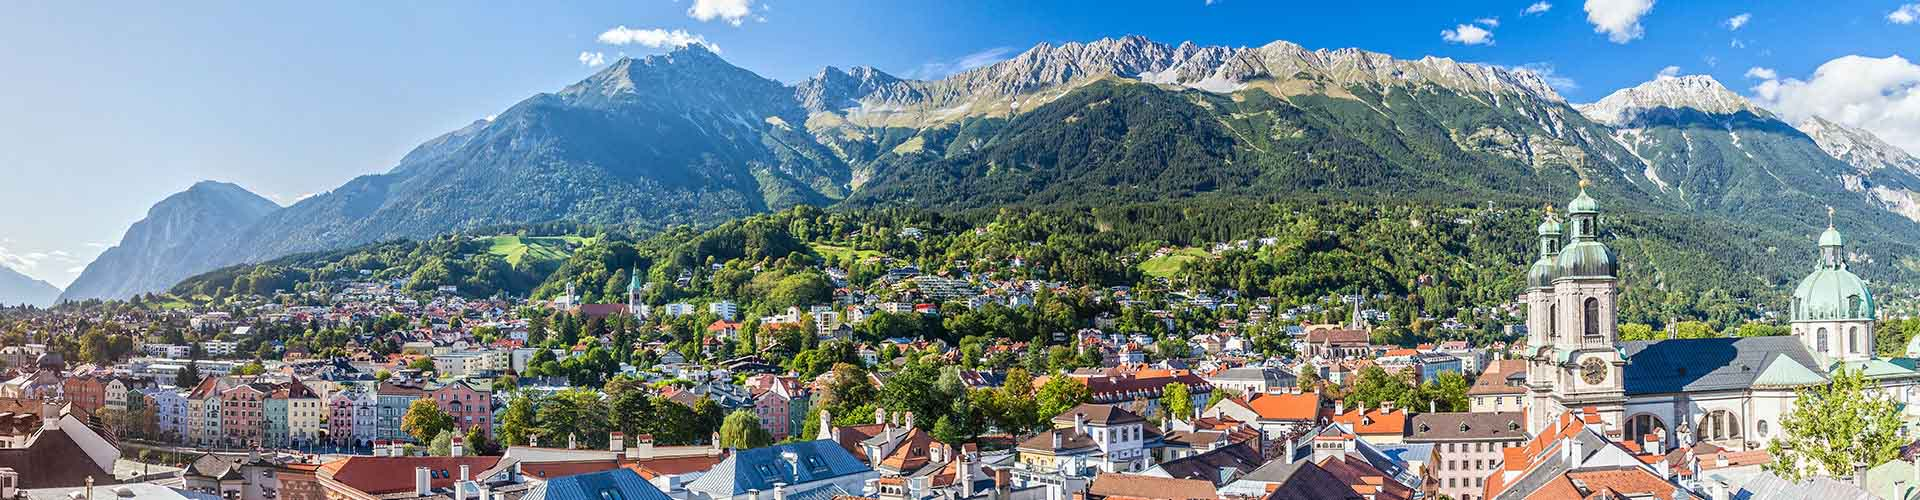 Innsbruck - Appartments à Innsbruck. Cartes pour Innsbruck, photos et commentaires pour chaque appartement à Innsbruck.